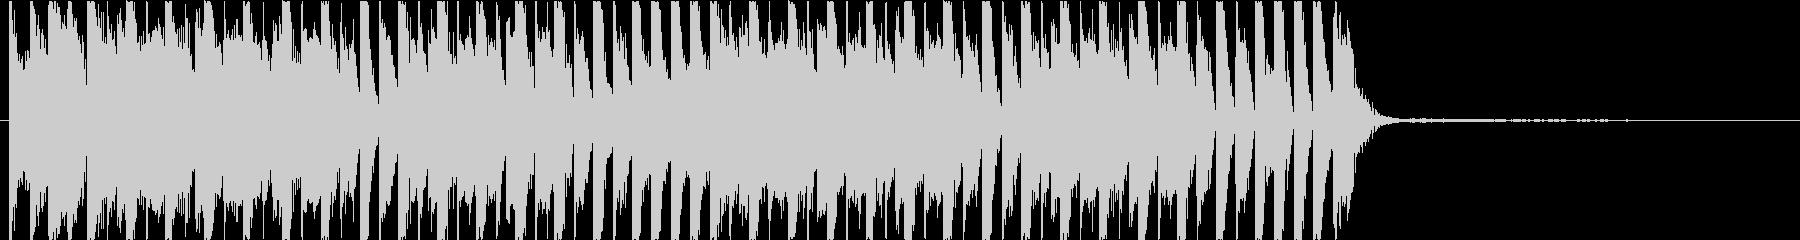 軽快なテクノジングル オープニングの未再生の波形